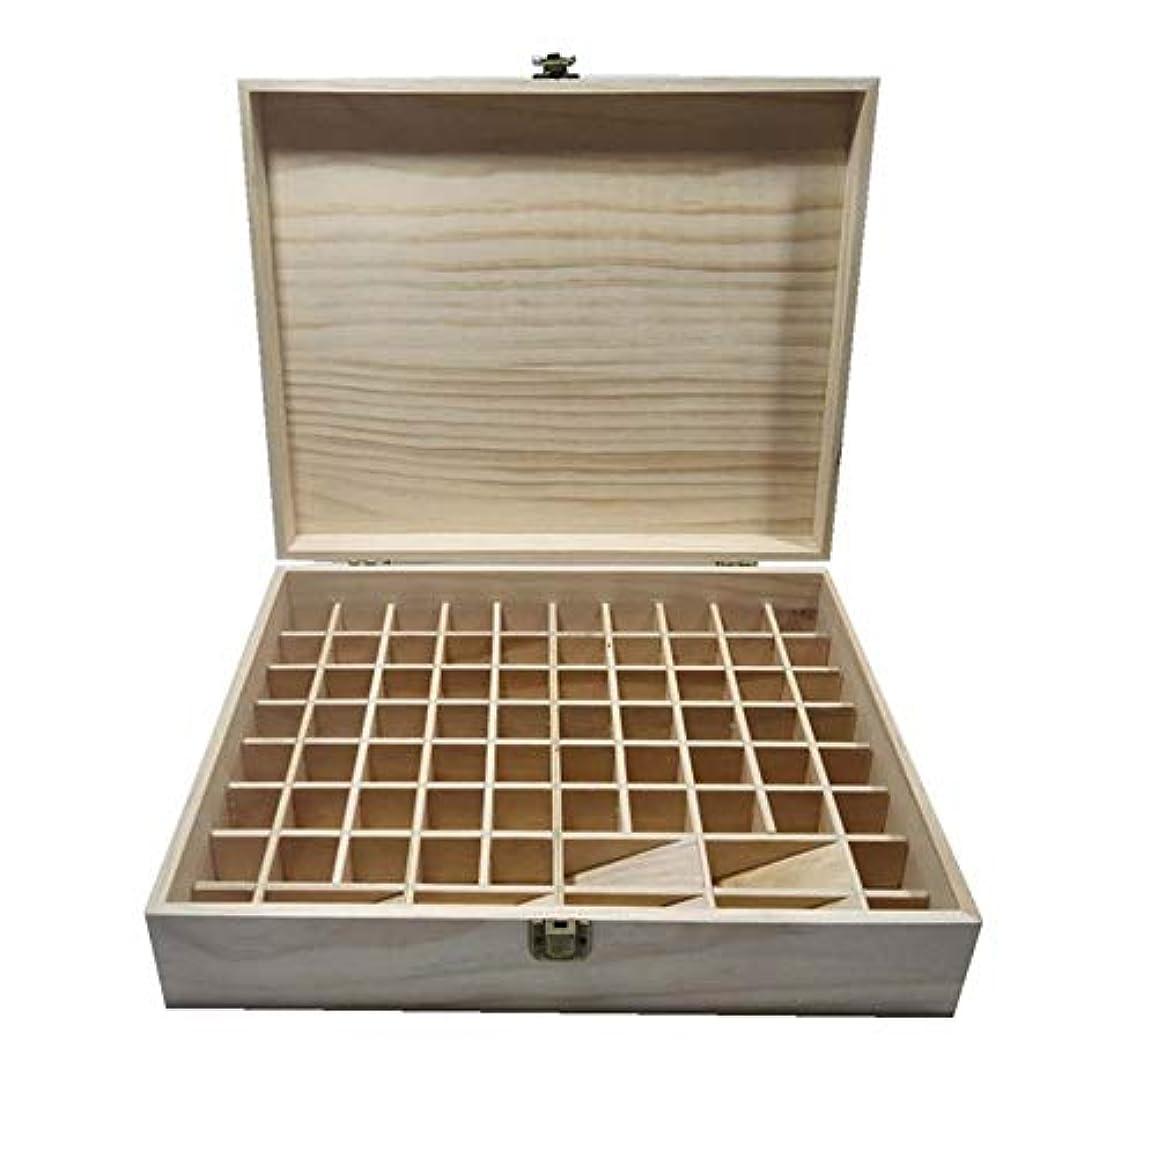 周術期大事にする歴史家エッセンシャルオイルストレージボックス 74スロットエッセンシャルオイルボックス木製収納ケースは、ボトル用エッセンシャルオイルスペースセーバーを開催します 旅行およびプレゼンテーション用 (色 : Natural, サイズ...